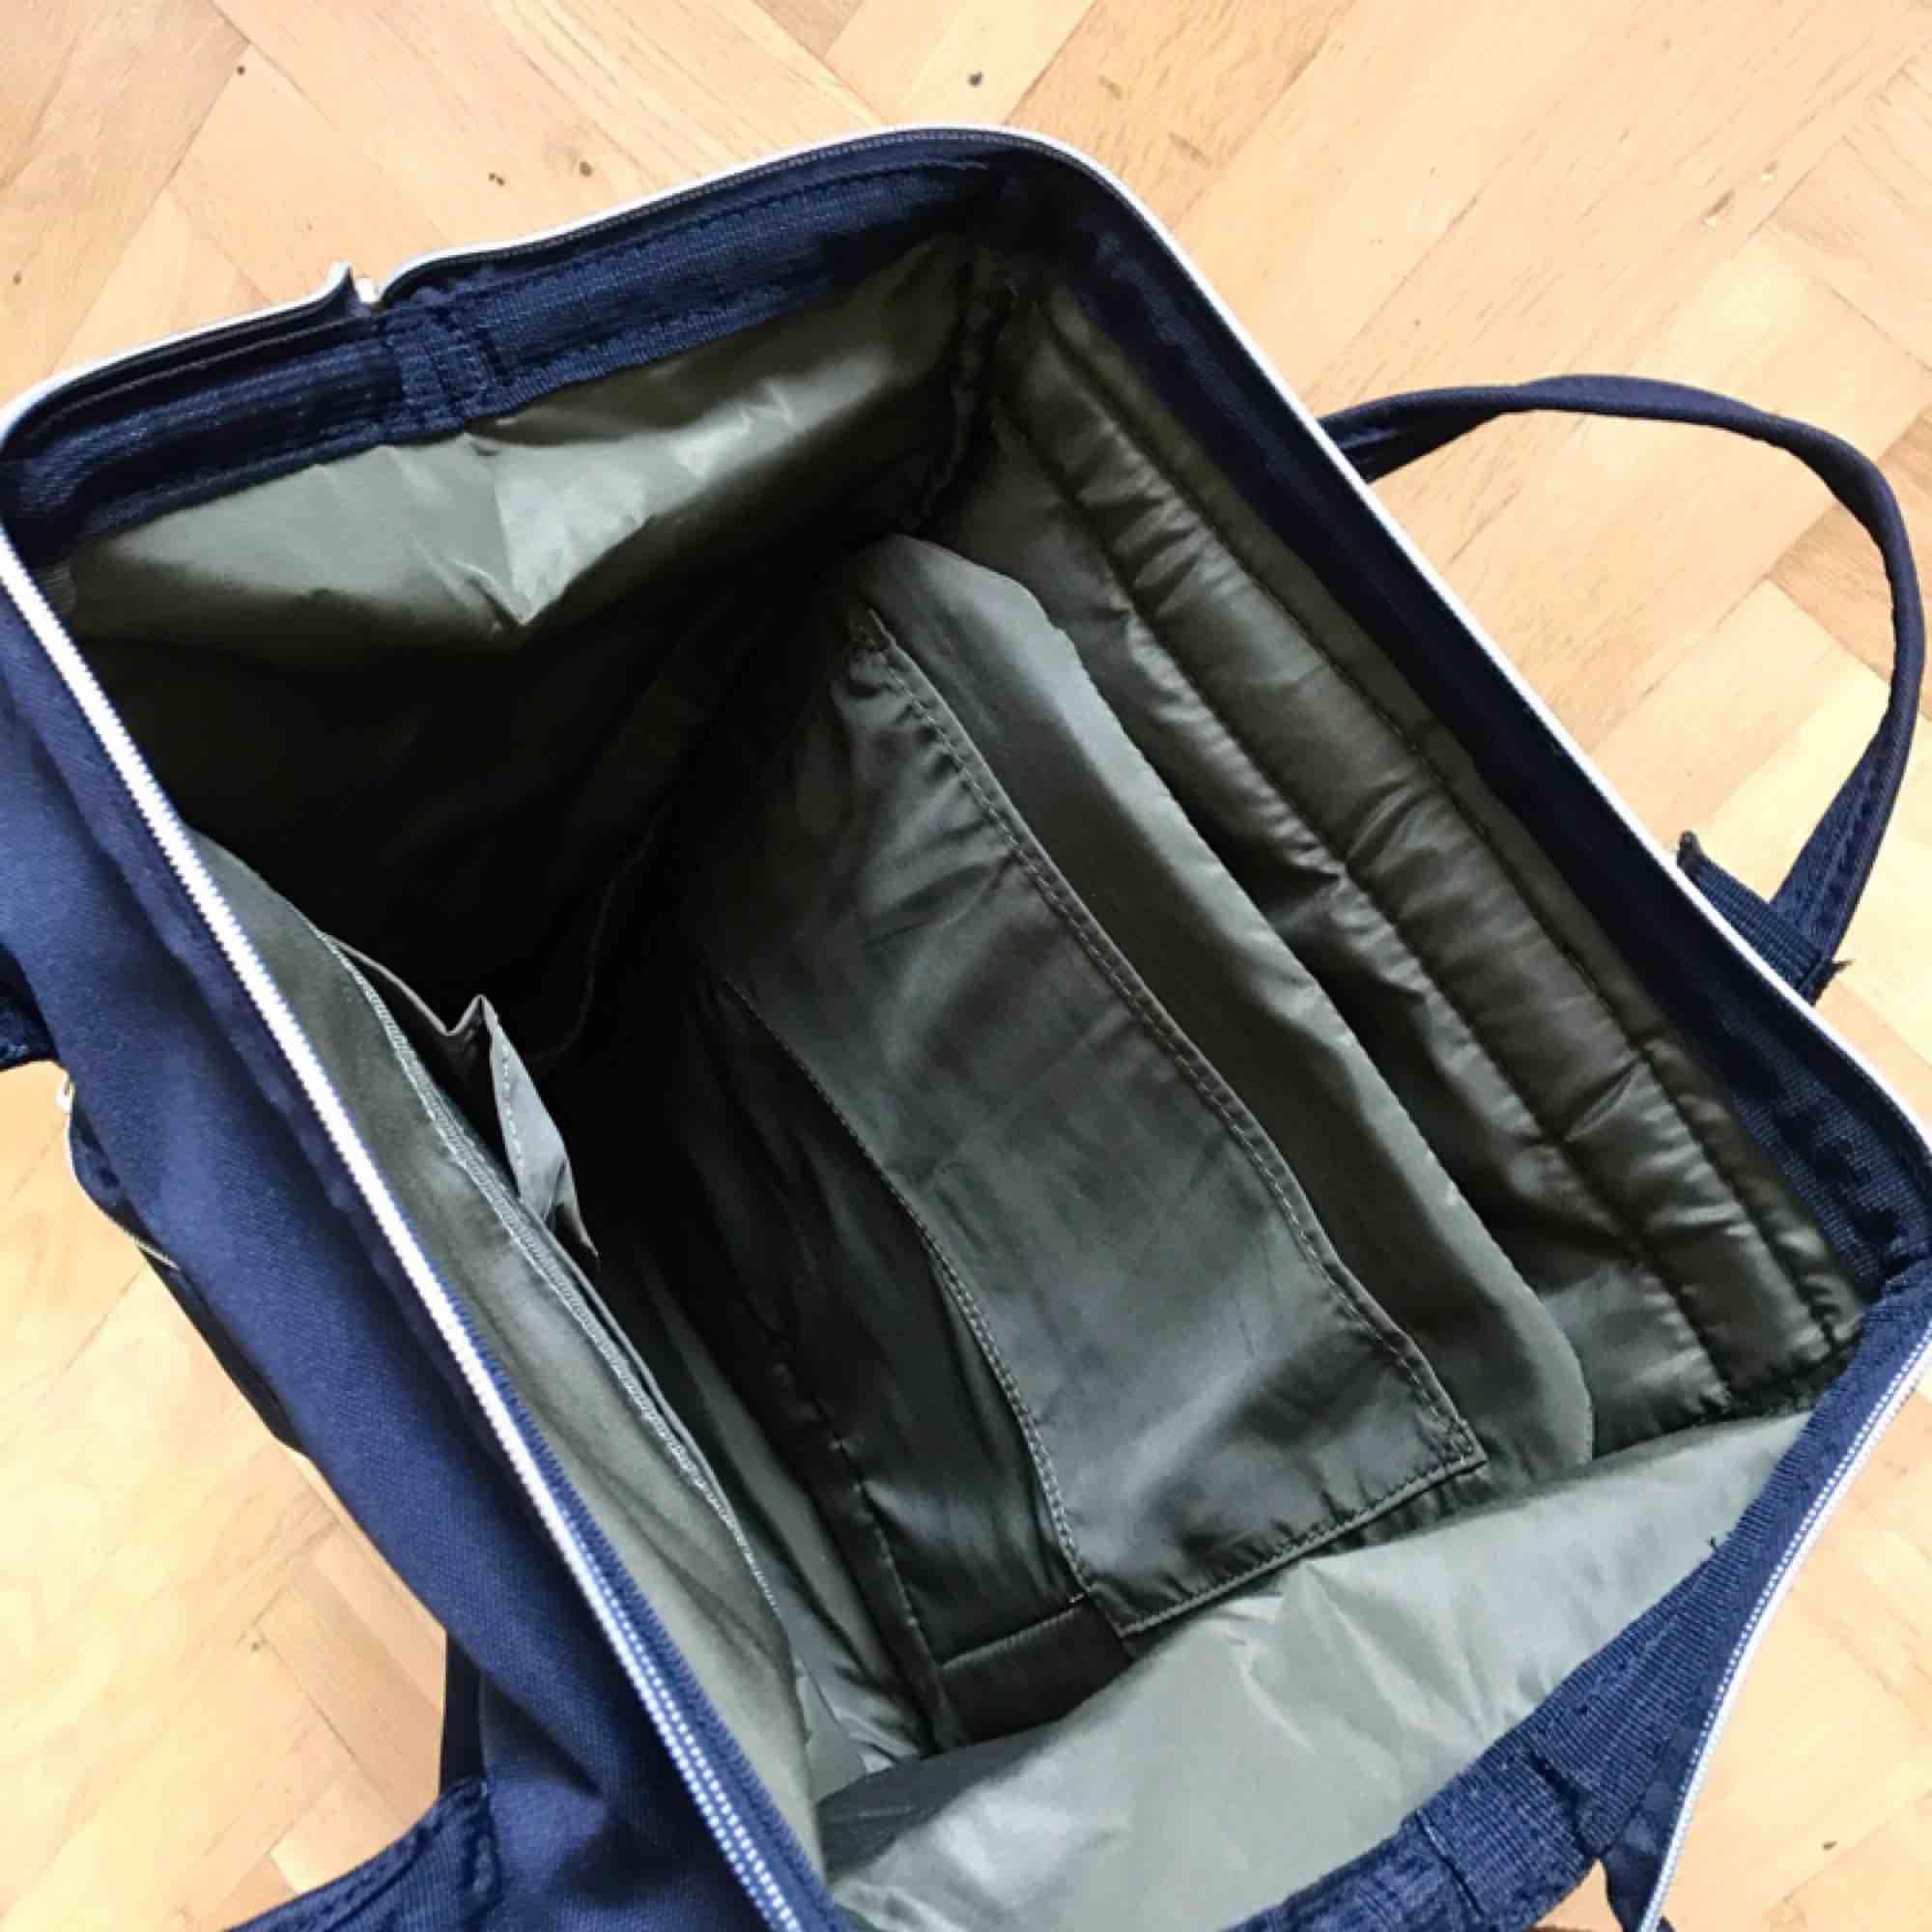 Svart ryggsäck från Anello som köptes för en månad sen, endast använd två gånger. Laptopfack + många fler 🖤 Sista bilden visar ryggsäcken på Zalandos hemsida, unisex så den passar både killar och tjejer! Nypris: 579 kr  Möts gärna upp  i Göteborg!. Väskor.